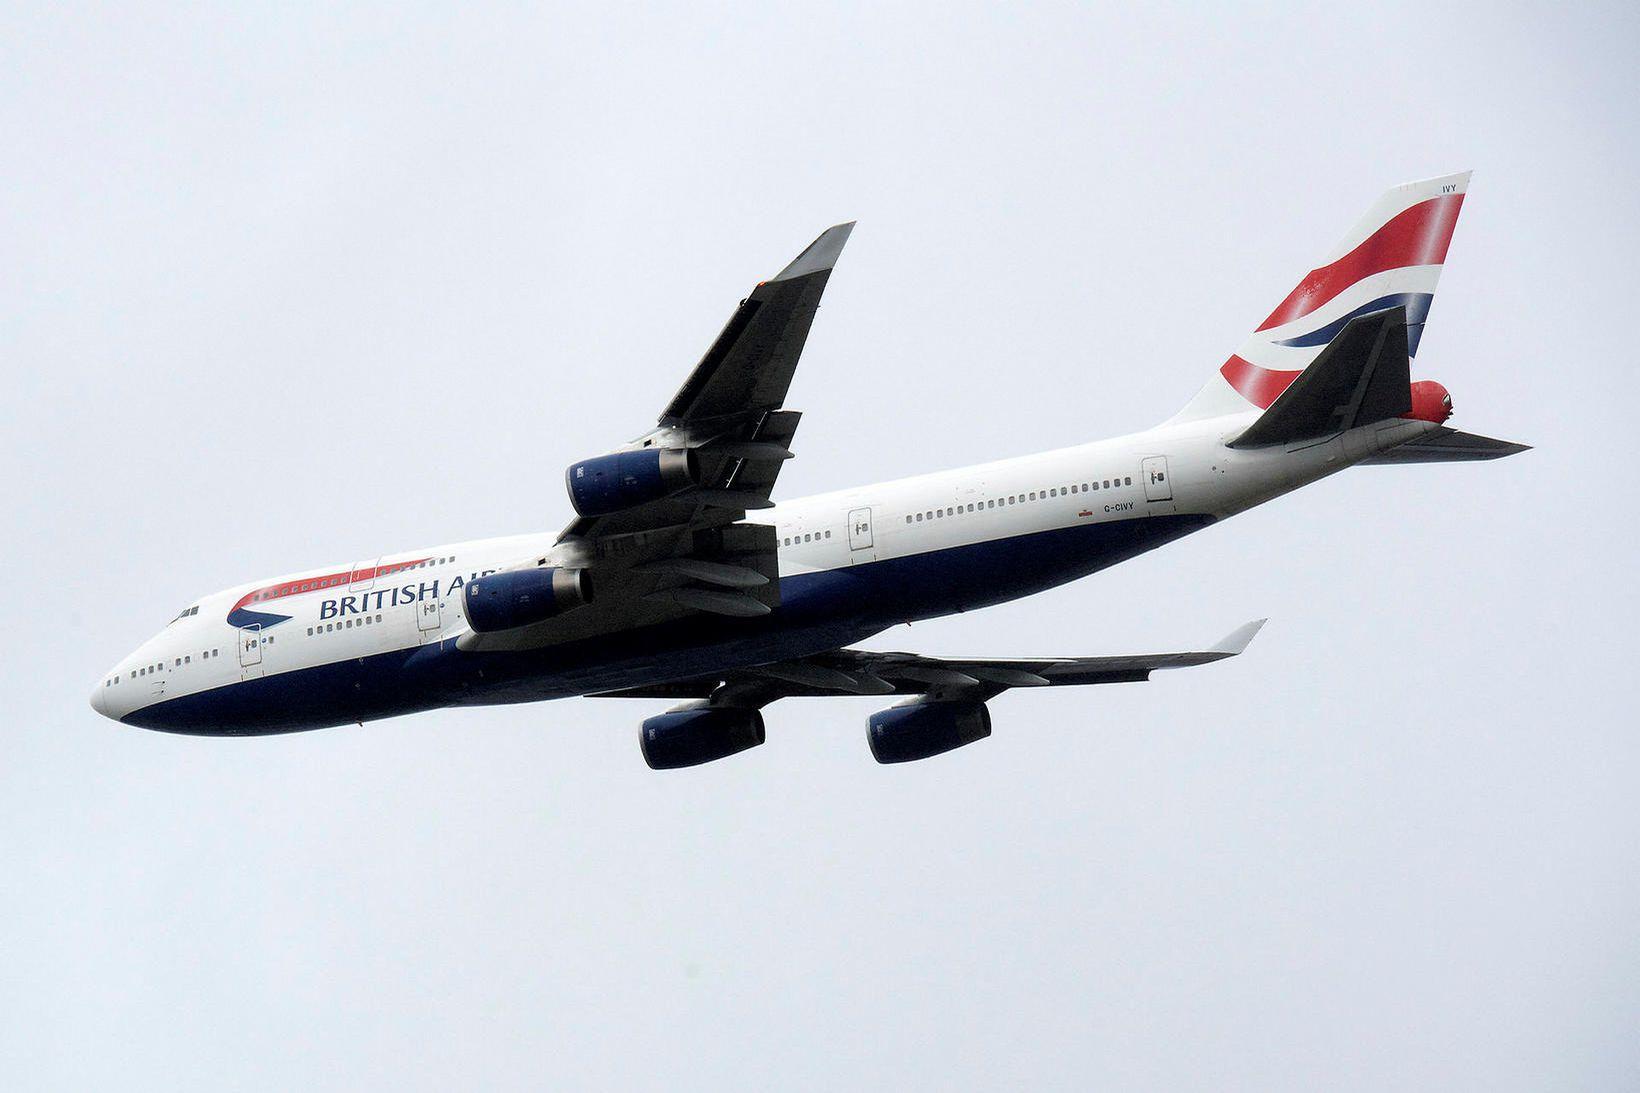 British Airways Boeing 747 flugvél á flugi yfir London í …